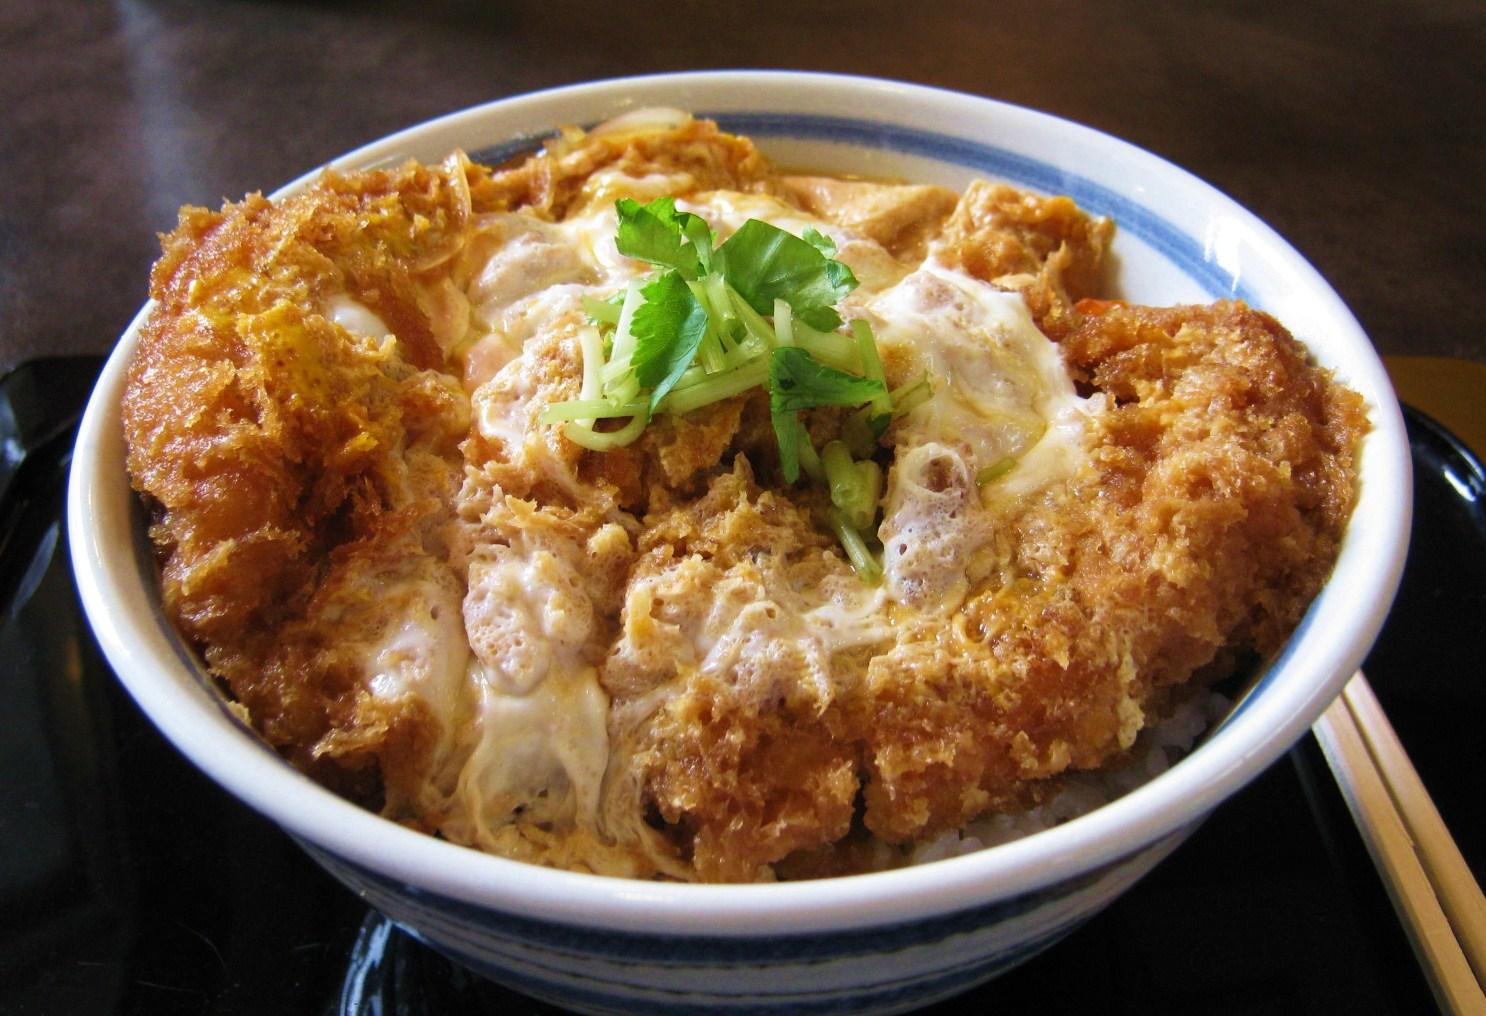 今日はガッツリ食べたい丼物!!すぐに作れるレシピ5選まとめのサムネイル画像